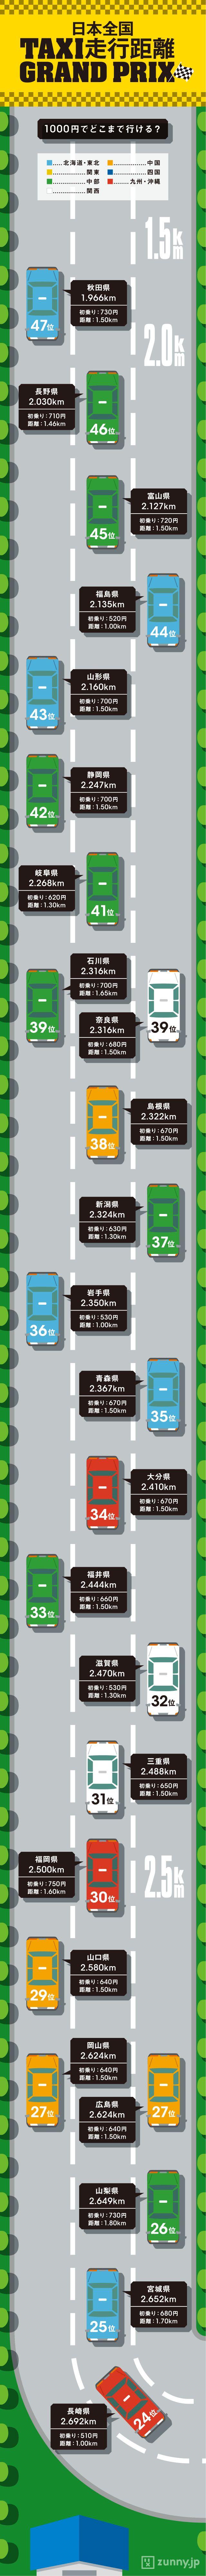 東京全国何位!?一番お得な「タクシー県」ランキング | ZUNNY インフォグラフィック・ニュース